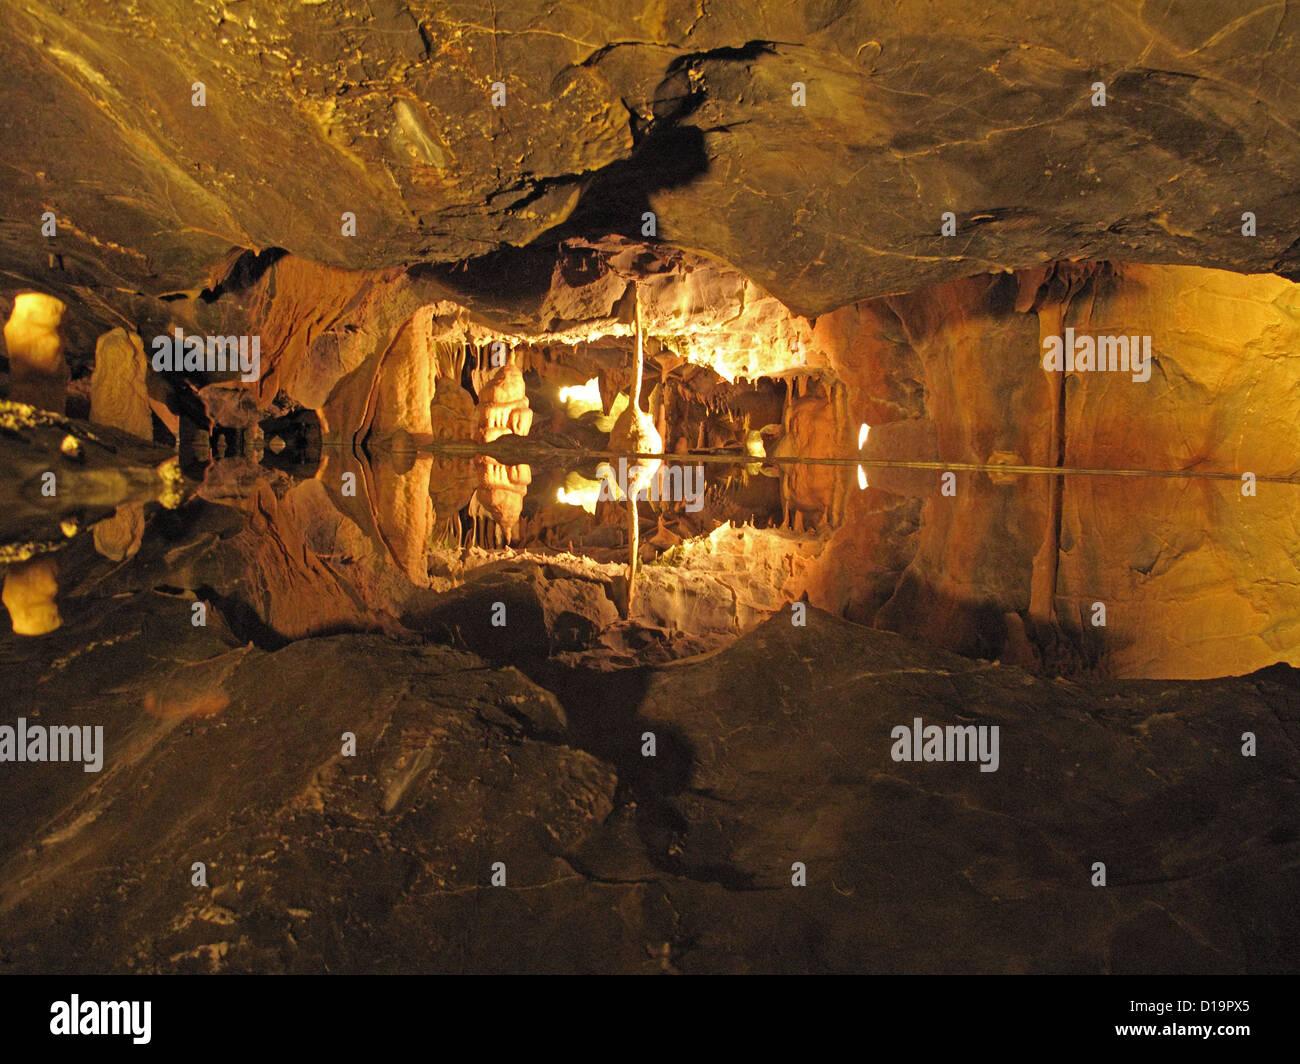 Piscina de agua siguen reflejando detalladamente en las cuevas de piedra caliza de Cheddar Gorge Imagen De Stock